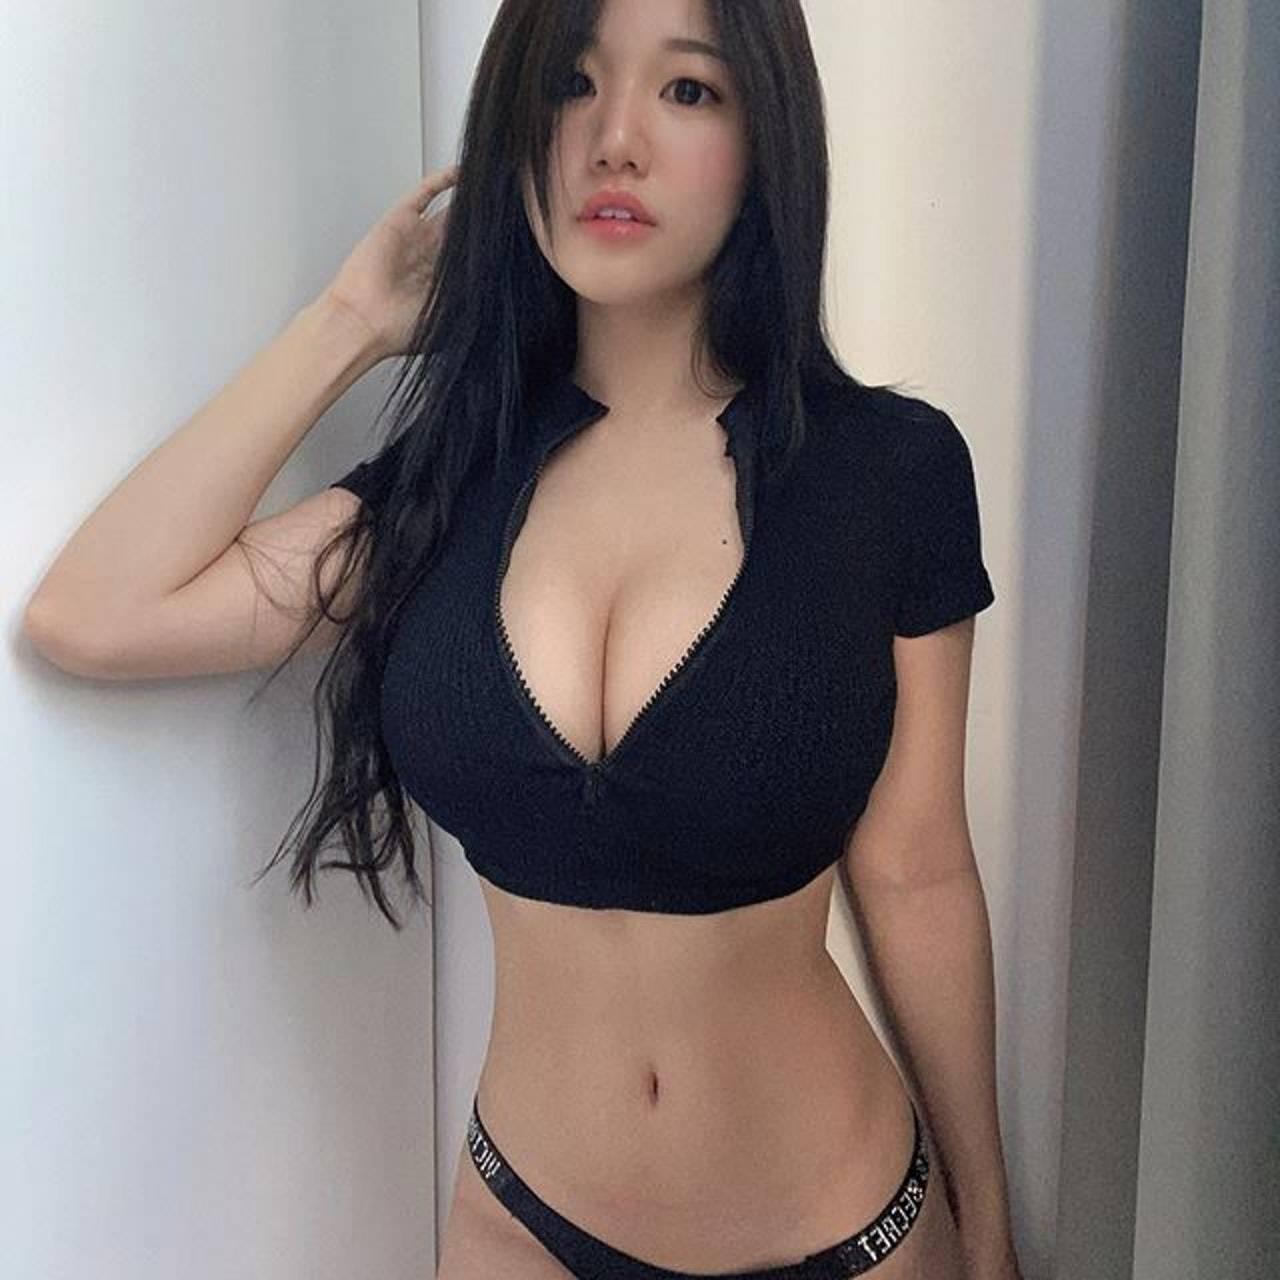 [福利吧]马来西亚网红美女糖糖大胆作风黑色吊带袜,大长腿蜜桃臀29